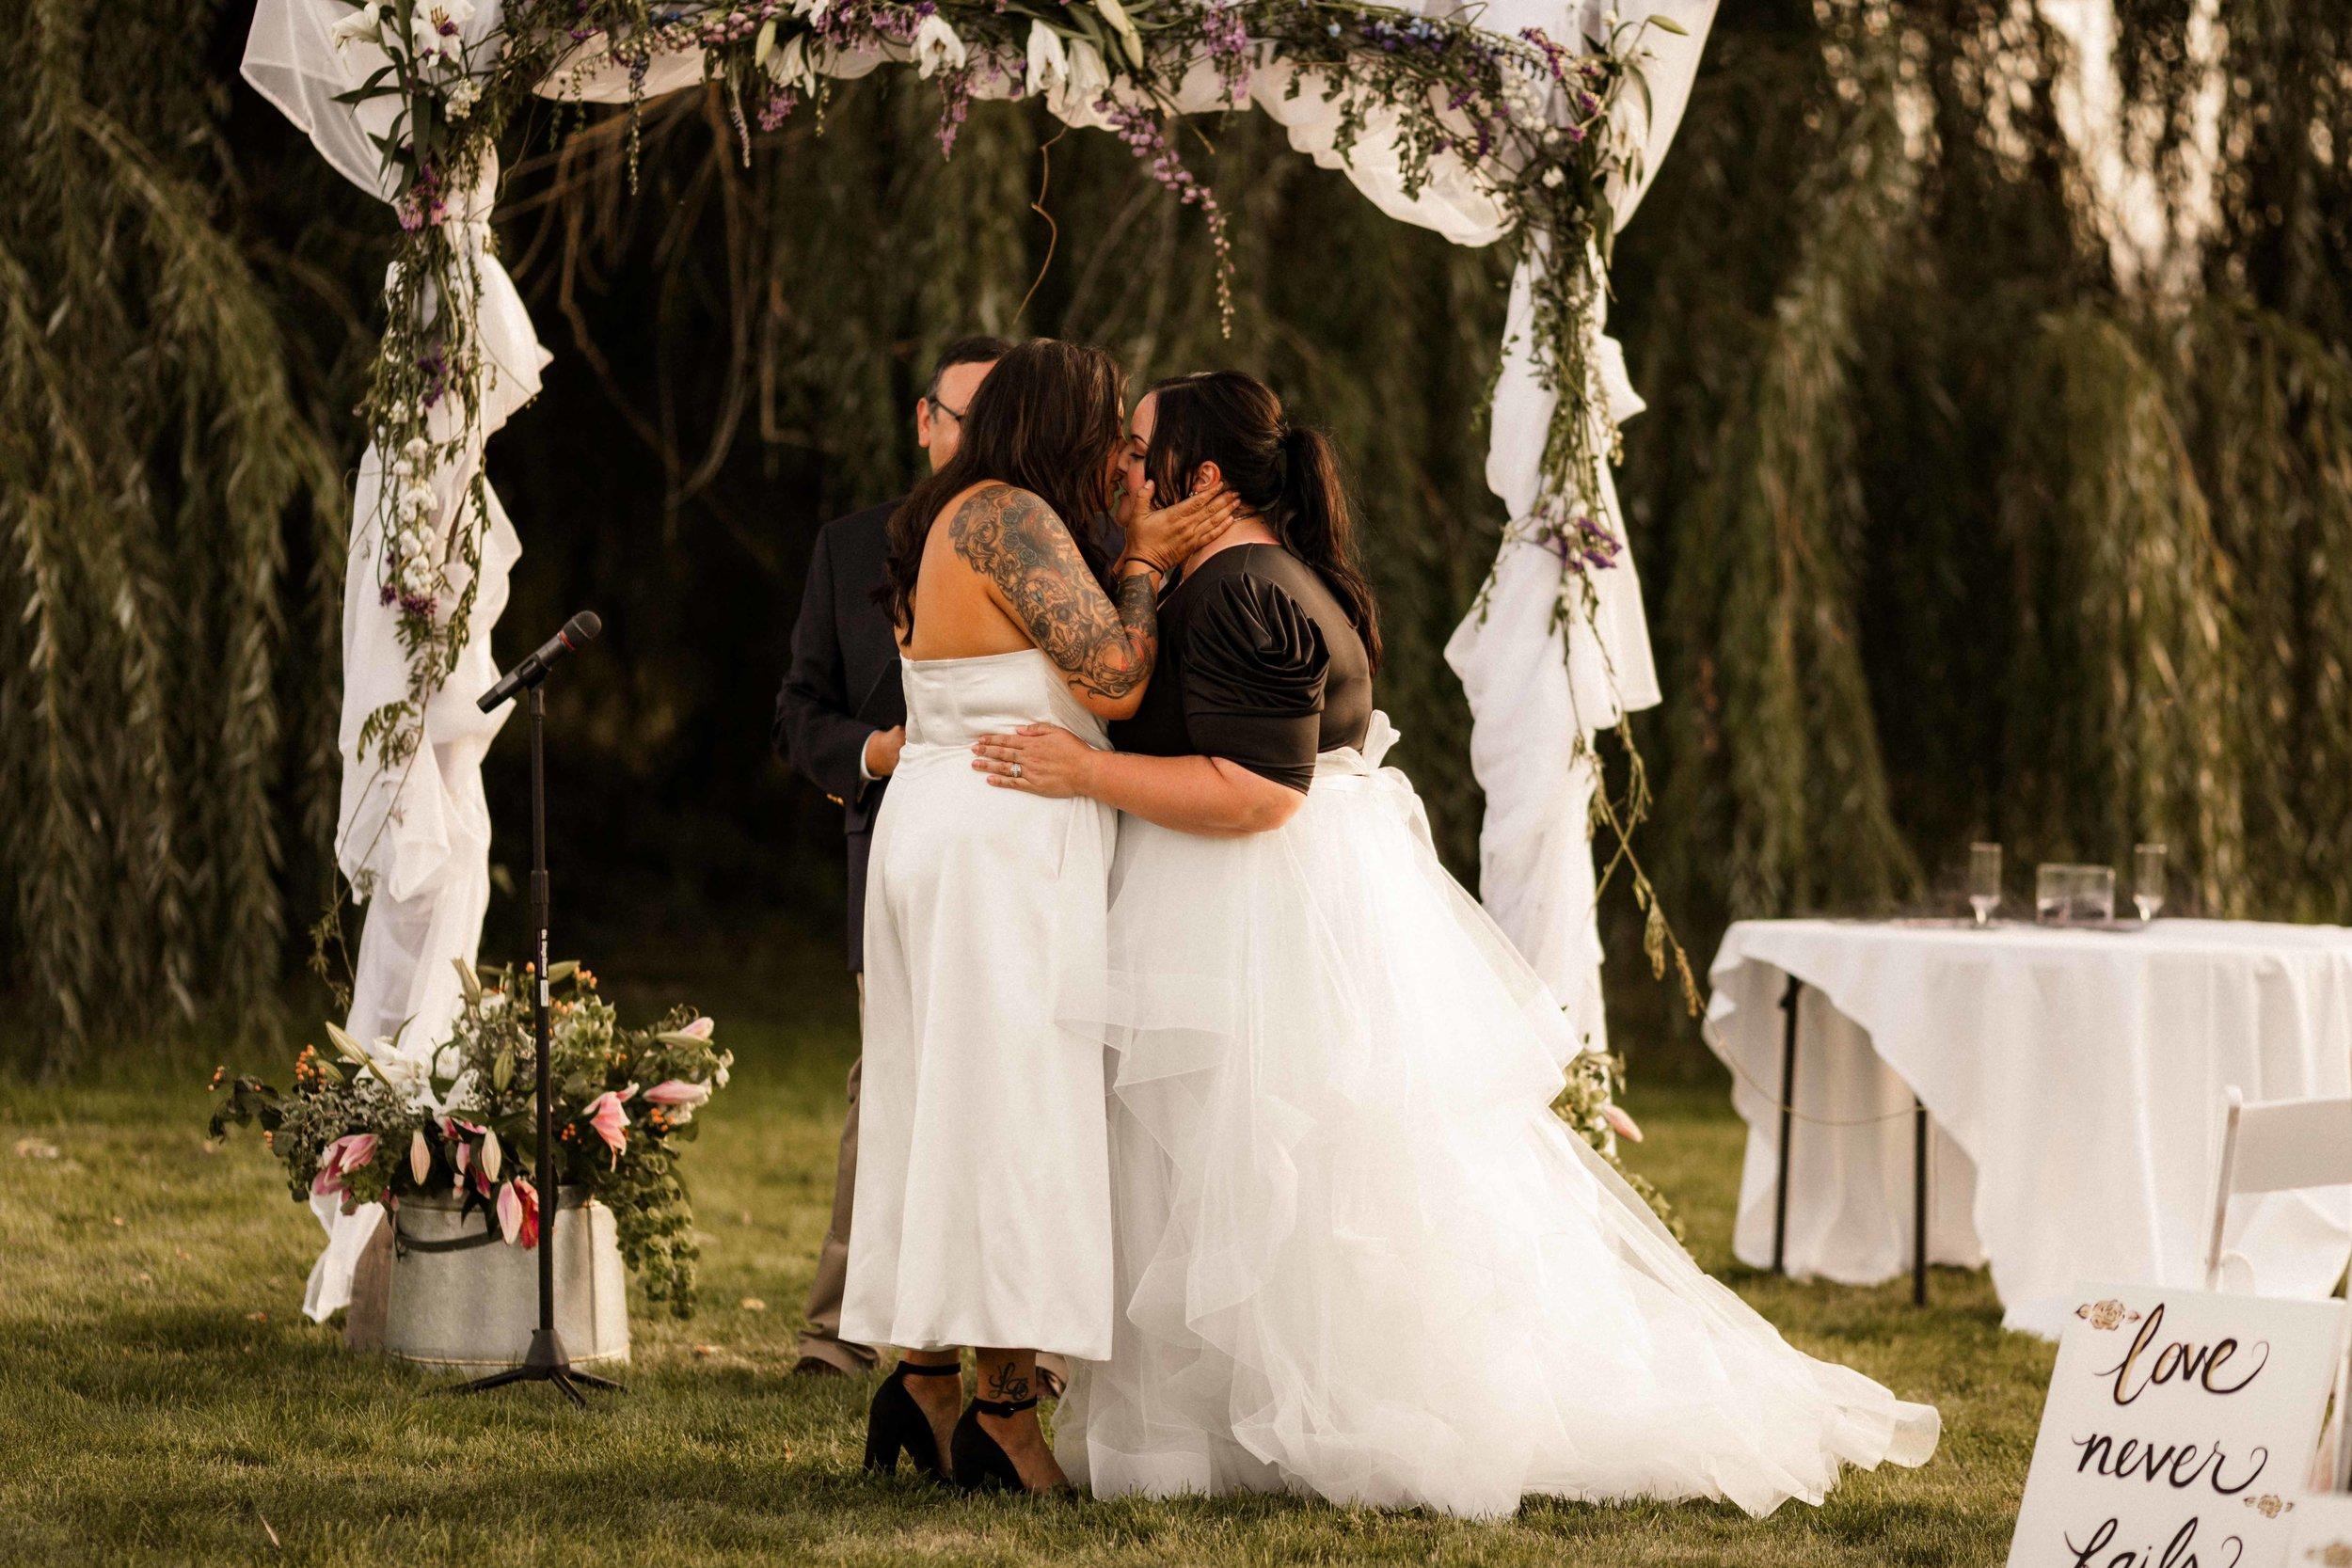 pasco-wedding-photos-21.jpg